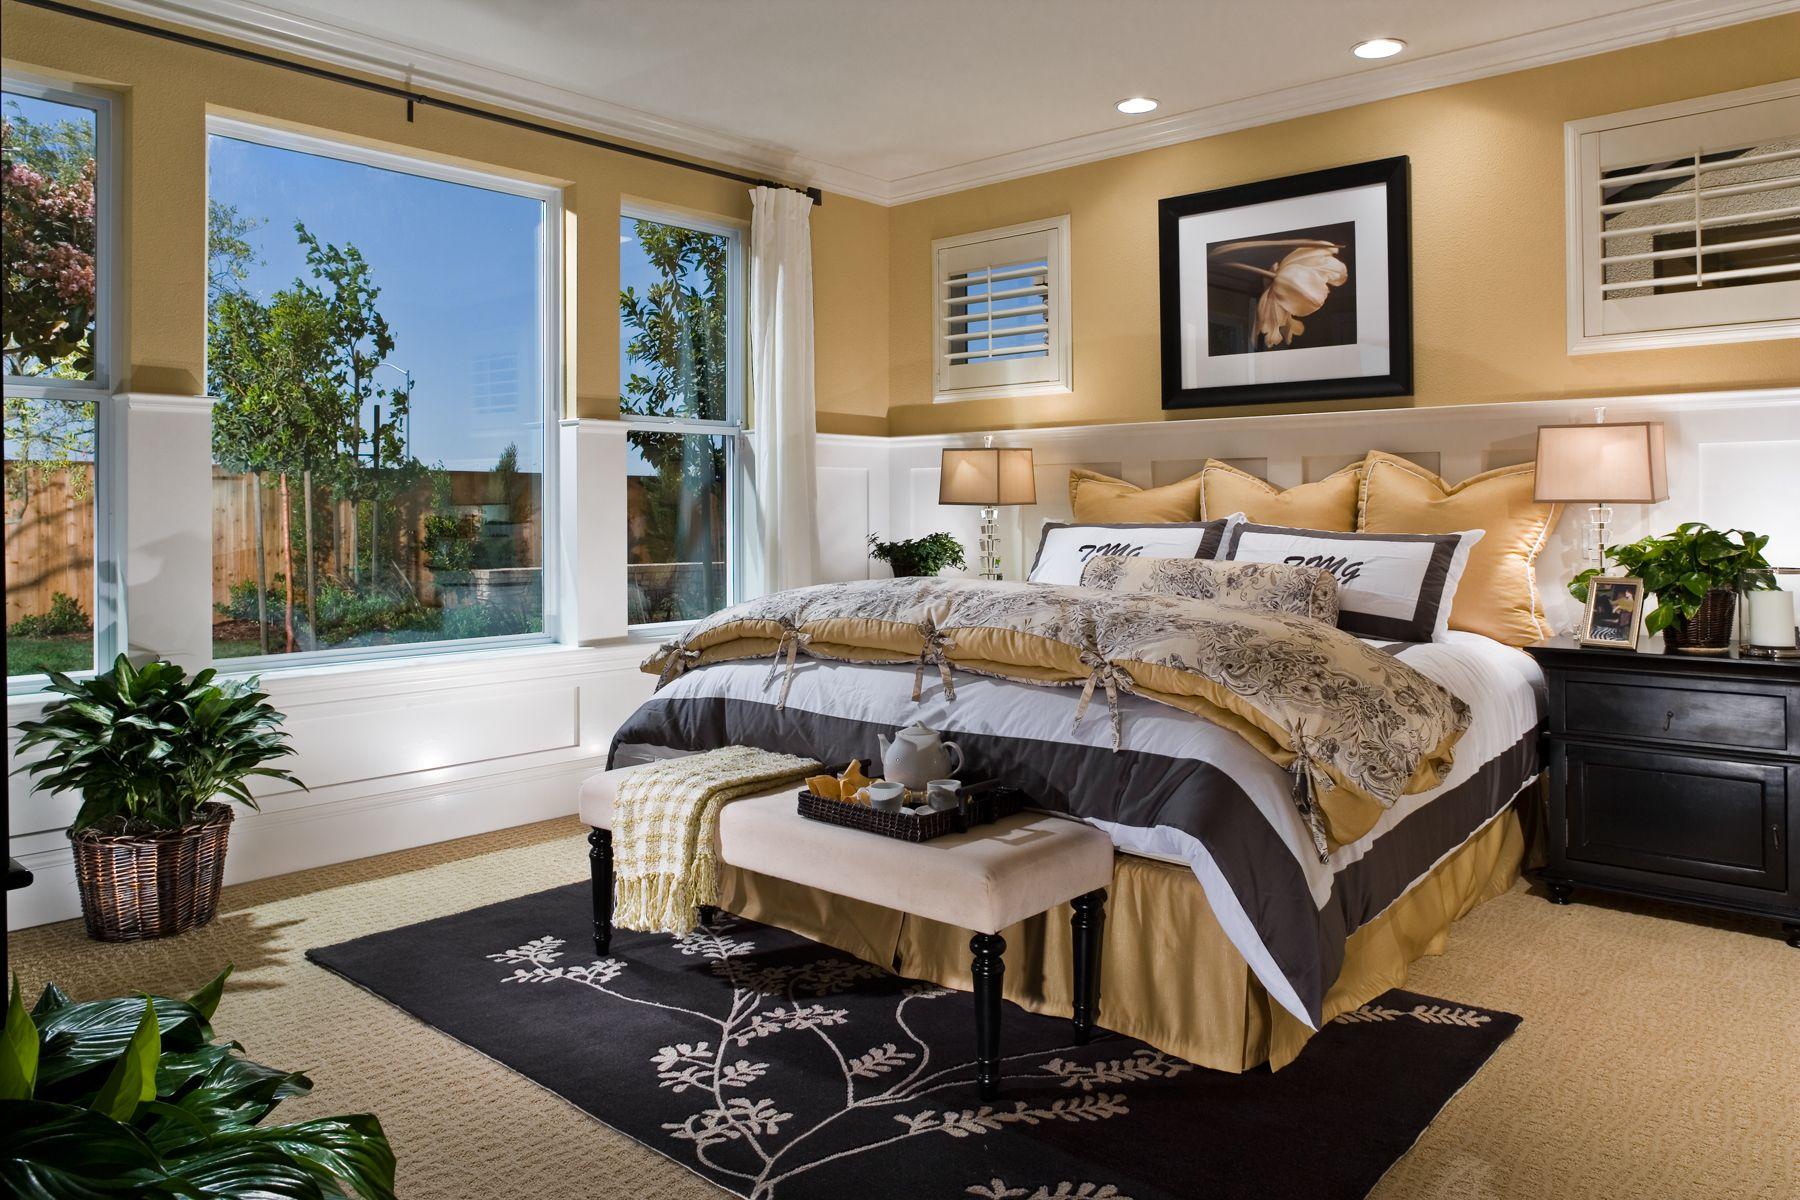 ديكور غرفة نوم بنات مراهقات متعددة الألوان في دنفر كولورادو 119 ديكورات غرف نوم Beauty Room Decor Bedroom Interior Elegant Bedroom